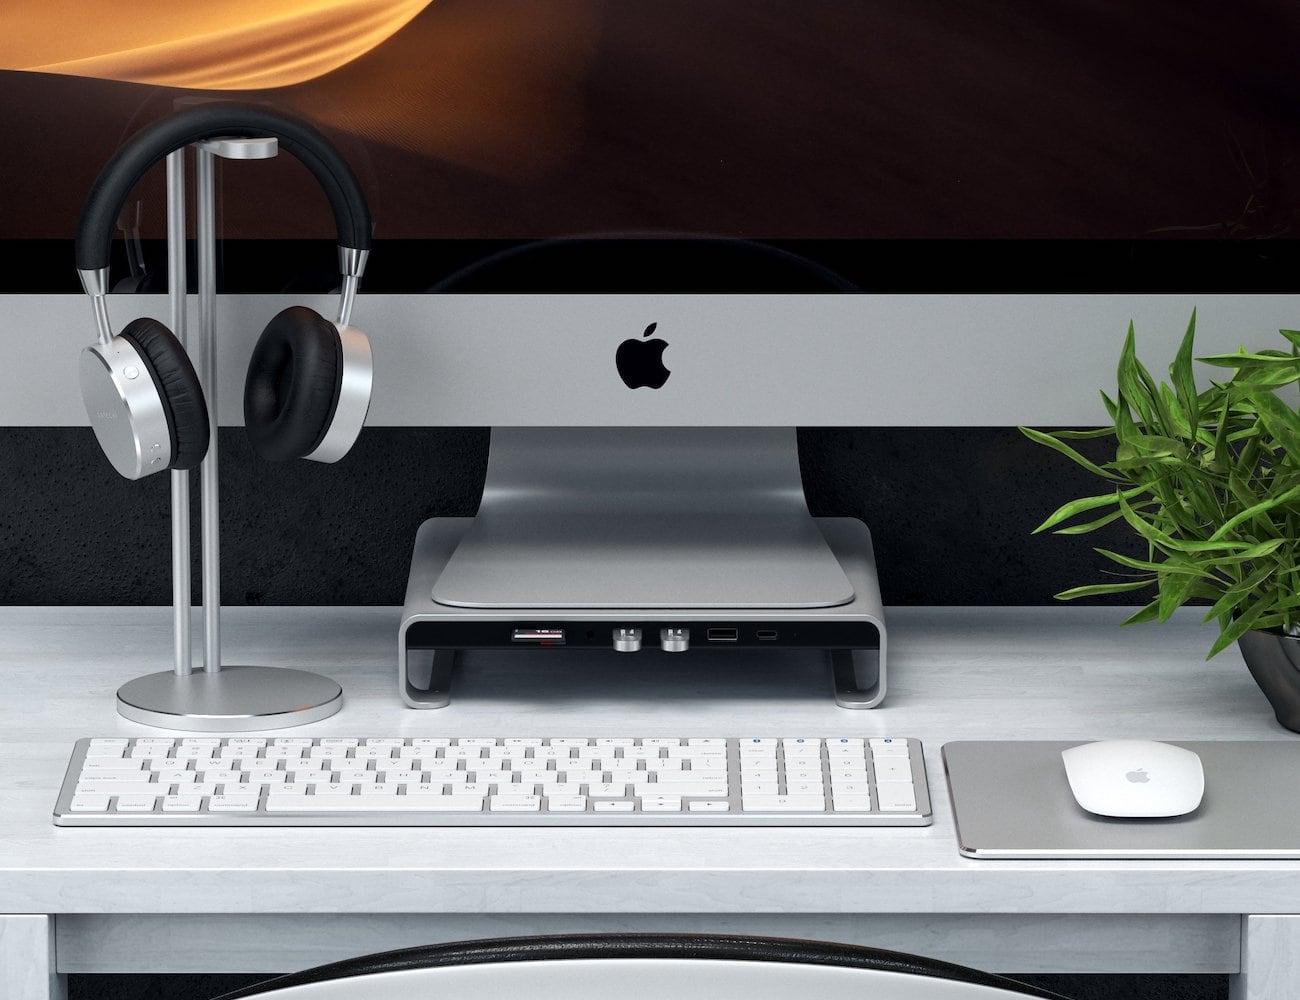 Satechi Type-C Aluminum iMac Monitor Stand Hub